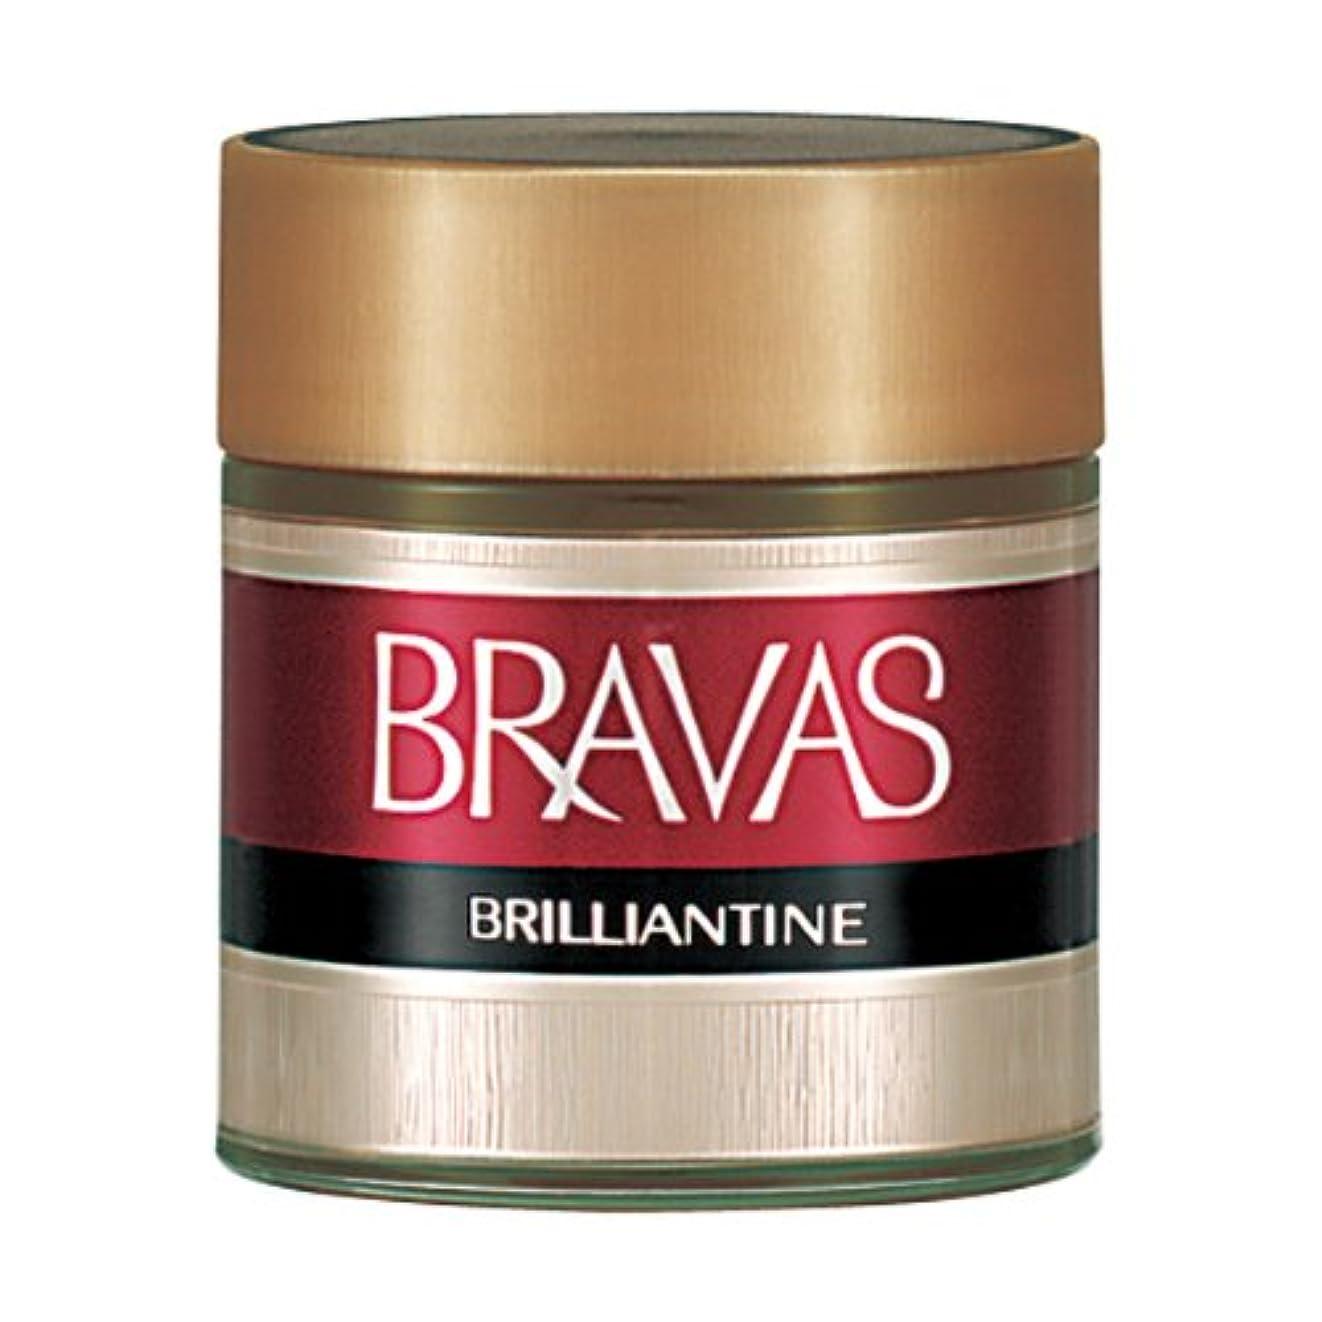 支払い意図的窒息させるブラバス ブリランチン 85g